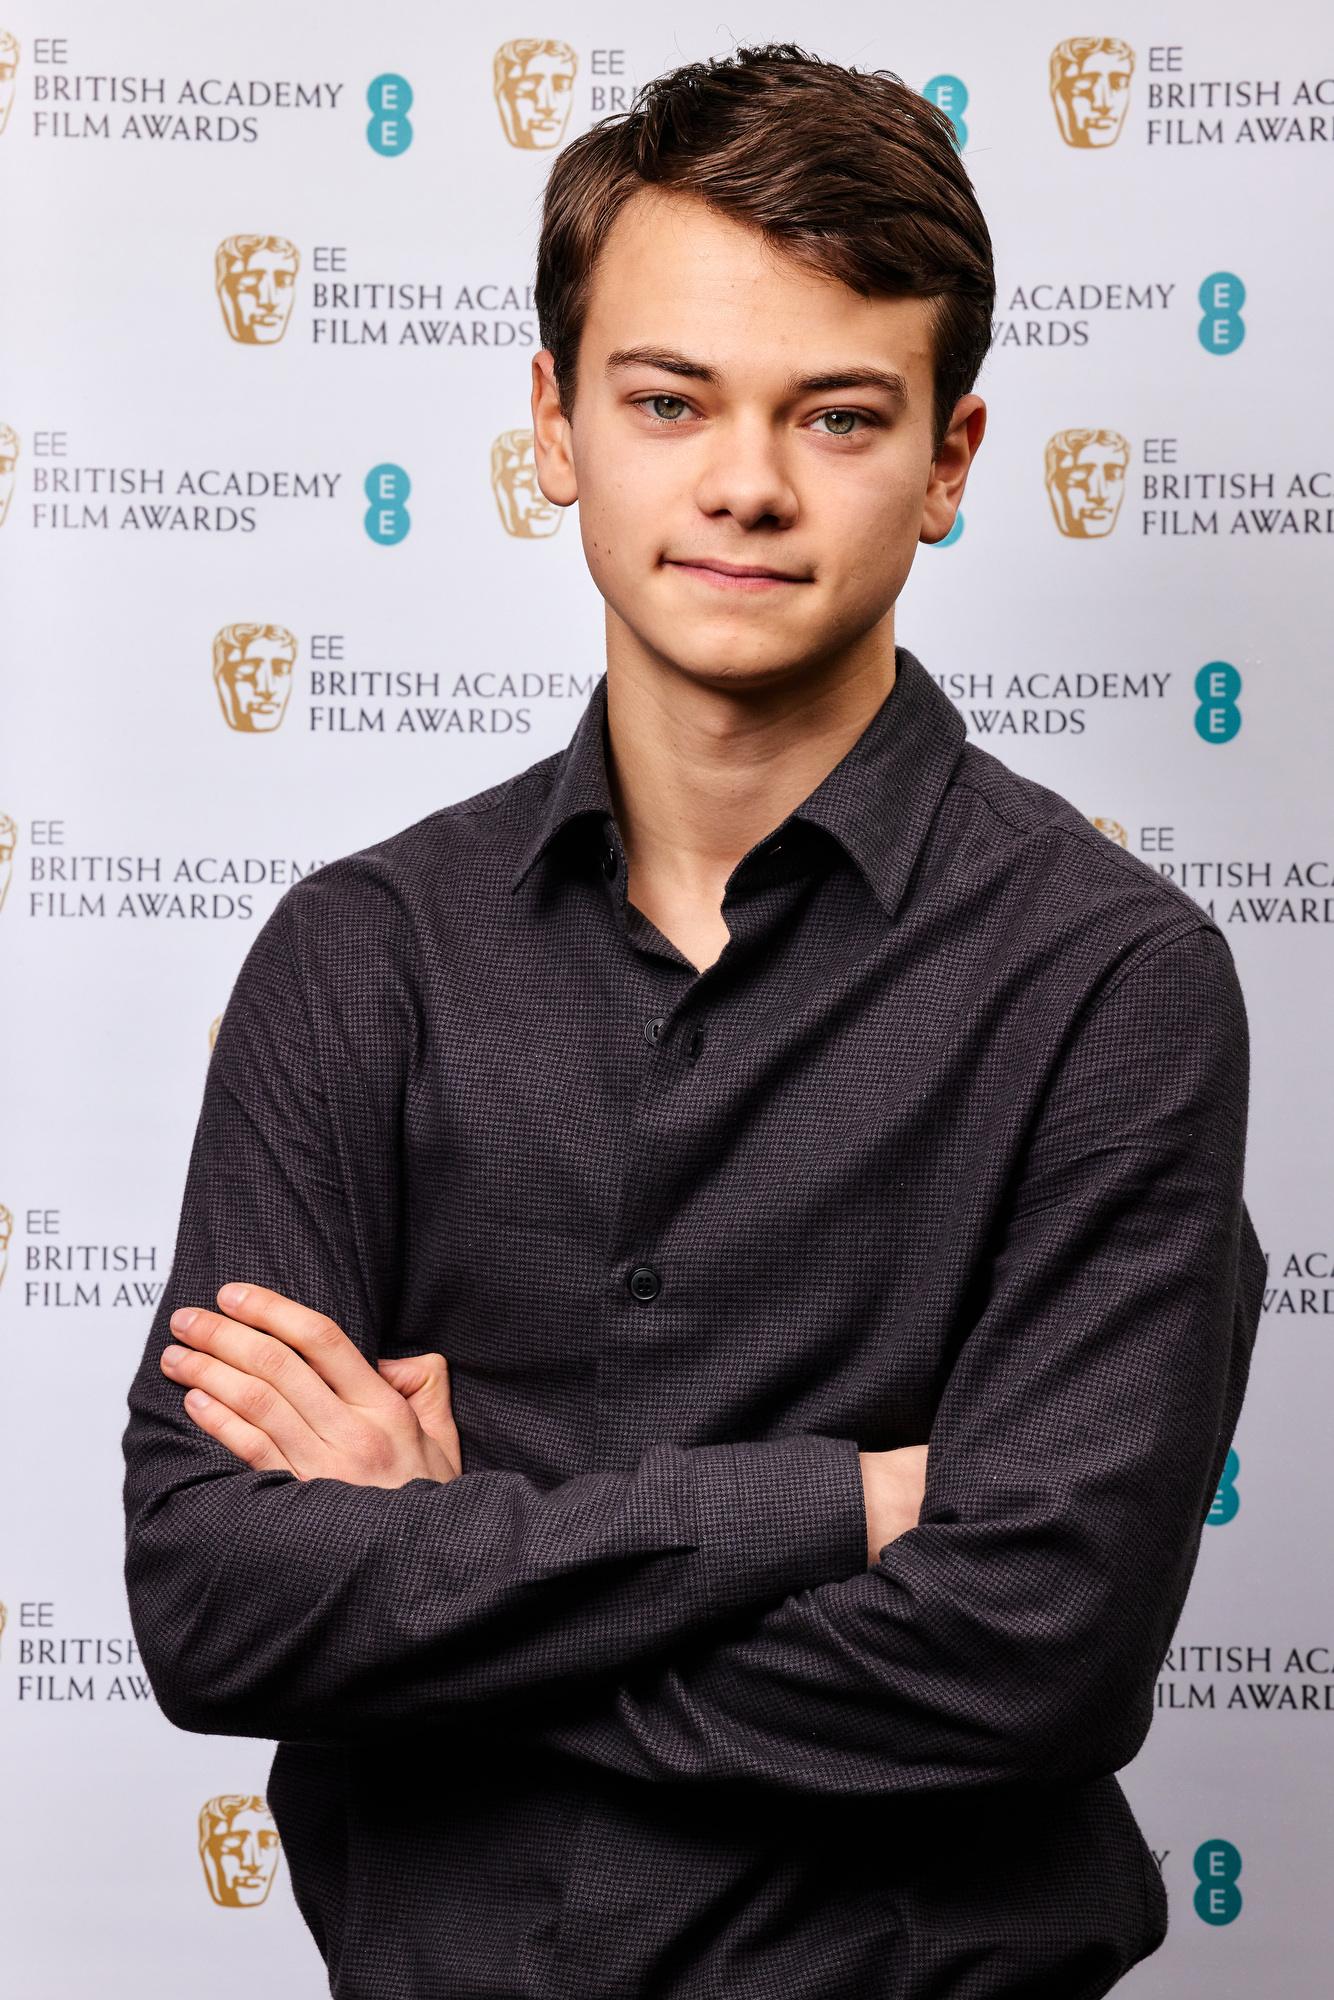 BAFTAS 2021: EE RISING STARS – VOTE NOW